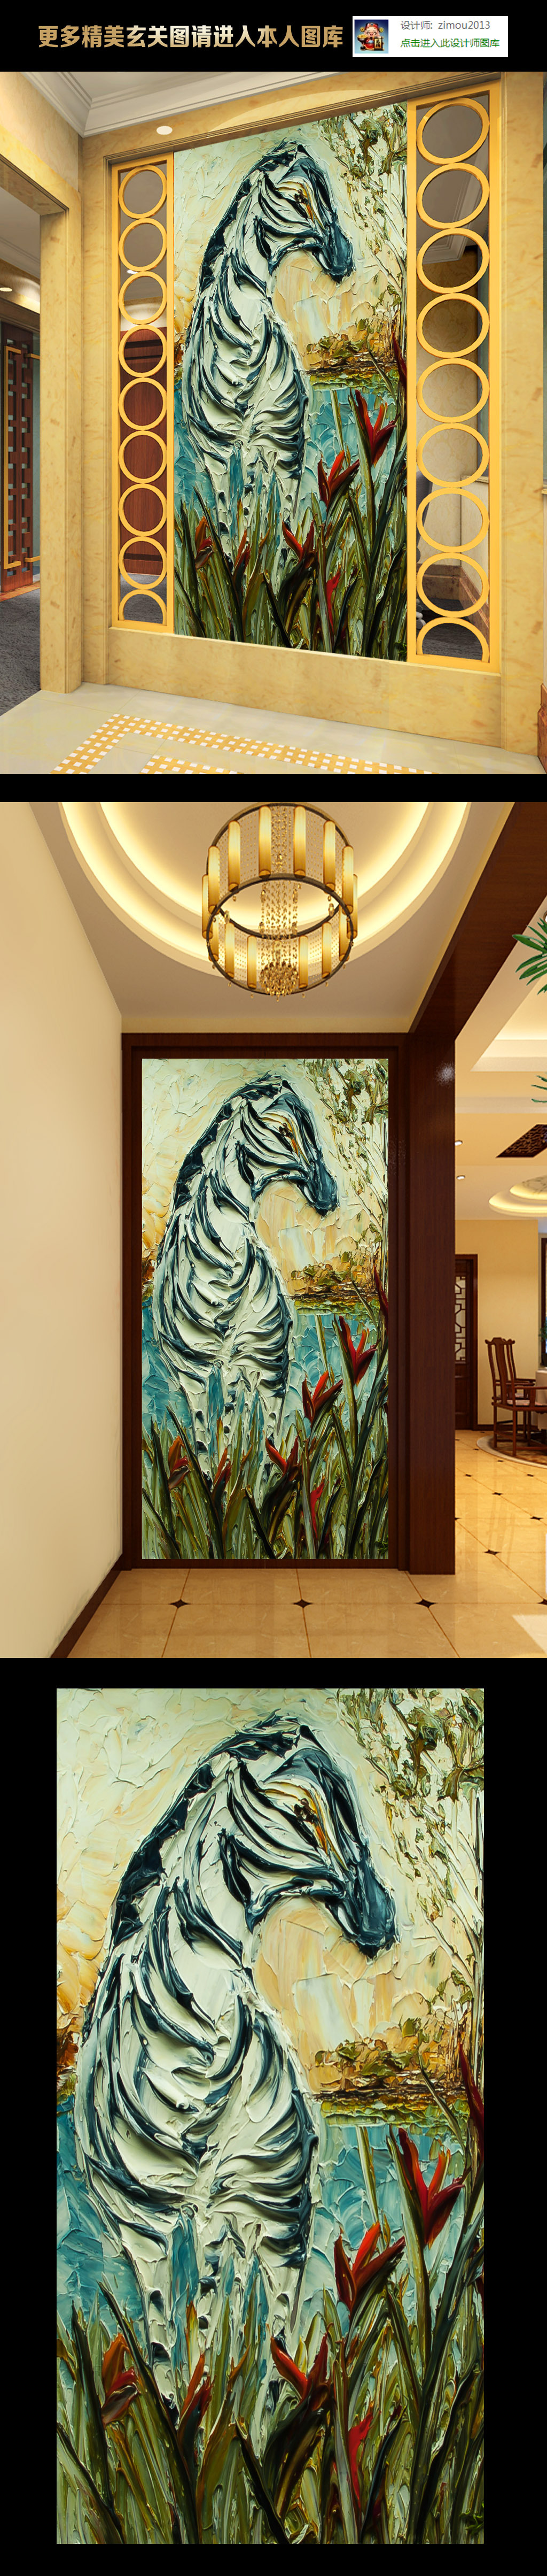 手绘立体油画风景画壁画马到成功玄关背景